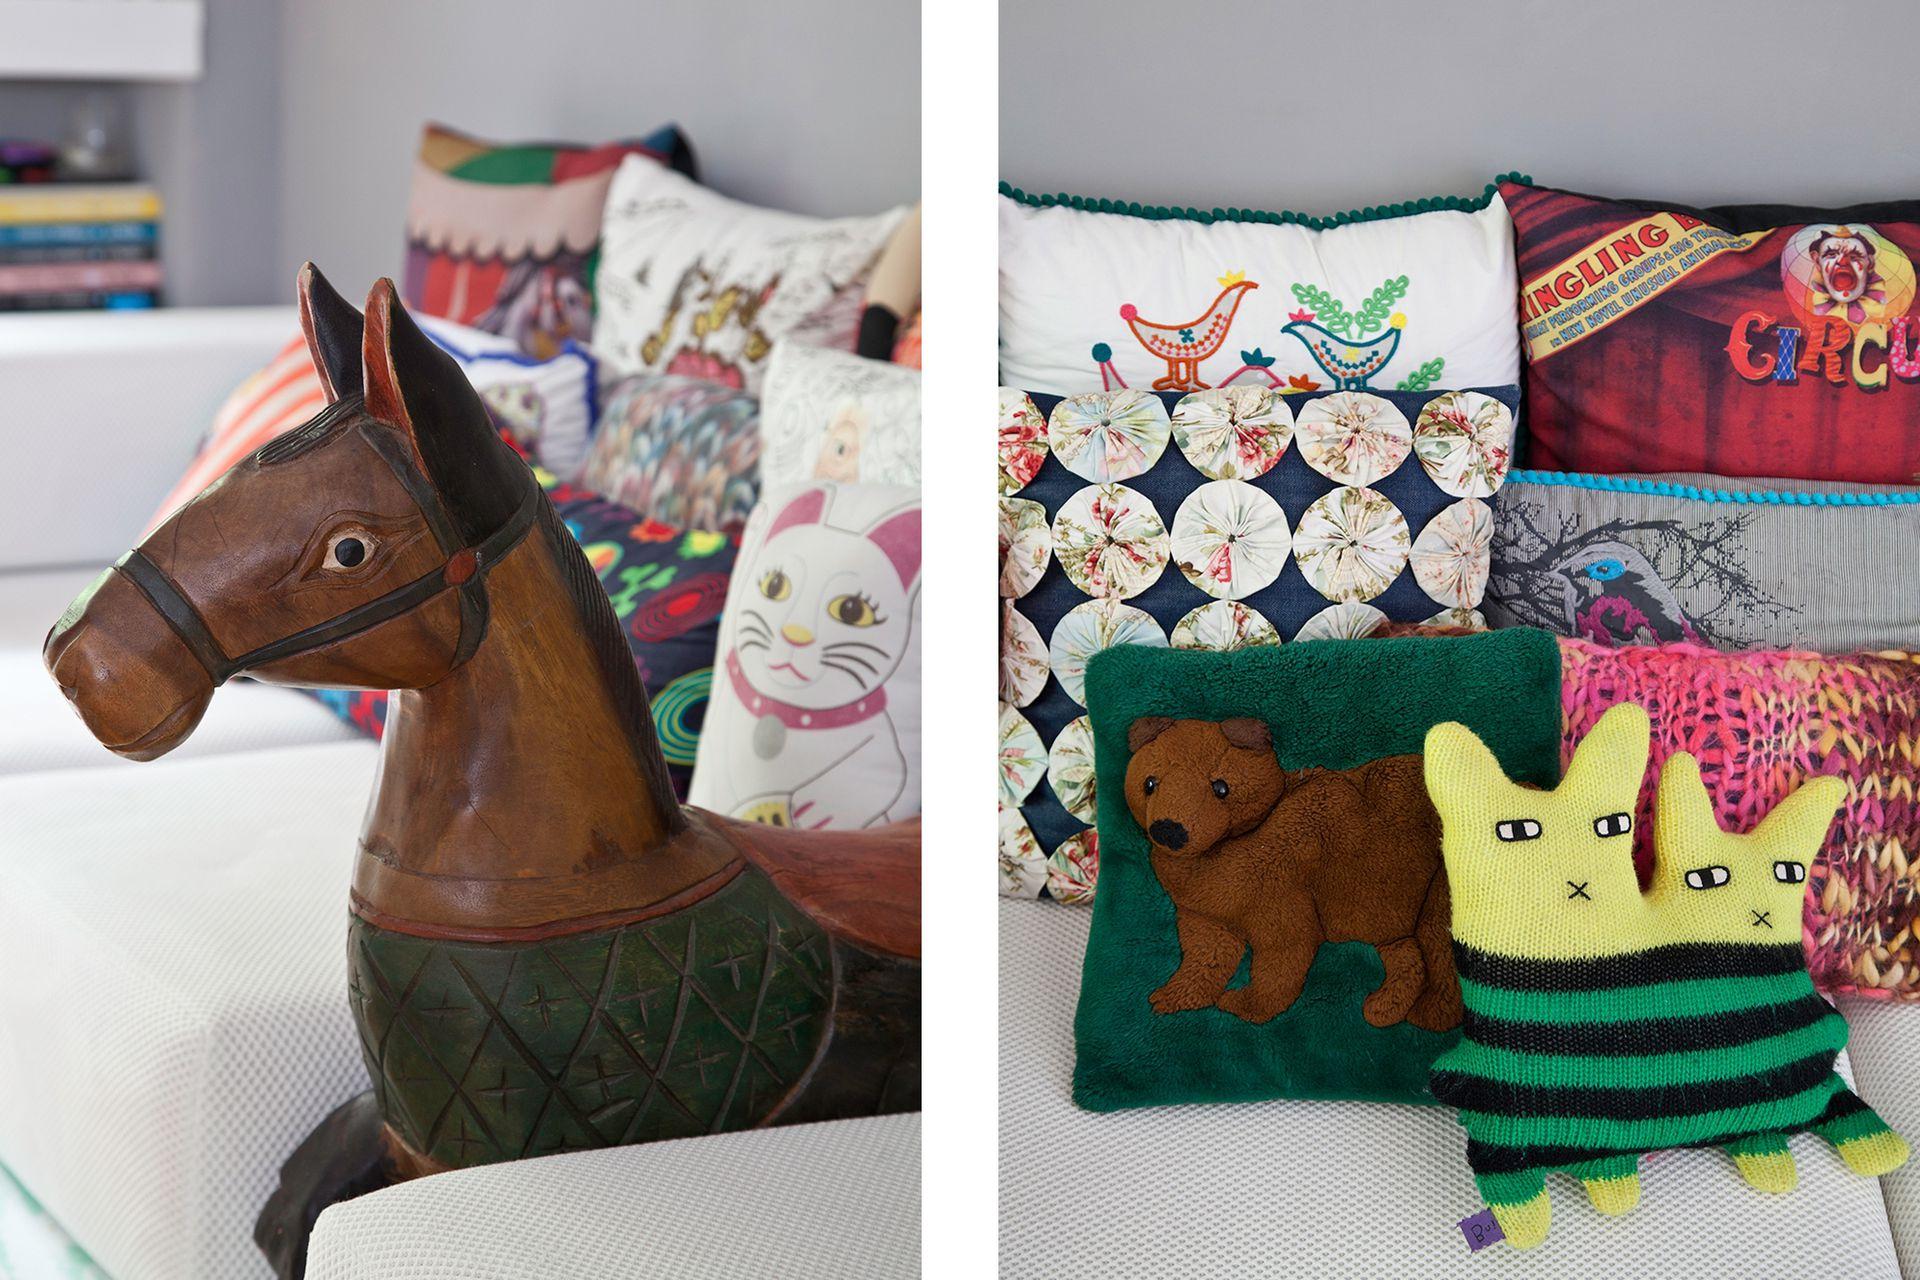 Una alegre explosión de almohadones coloridos: algunos existentes, otros regalados, muy pocos comprados.